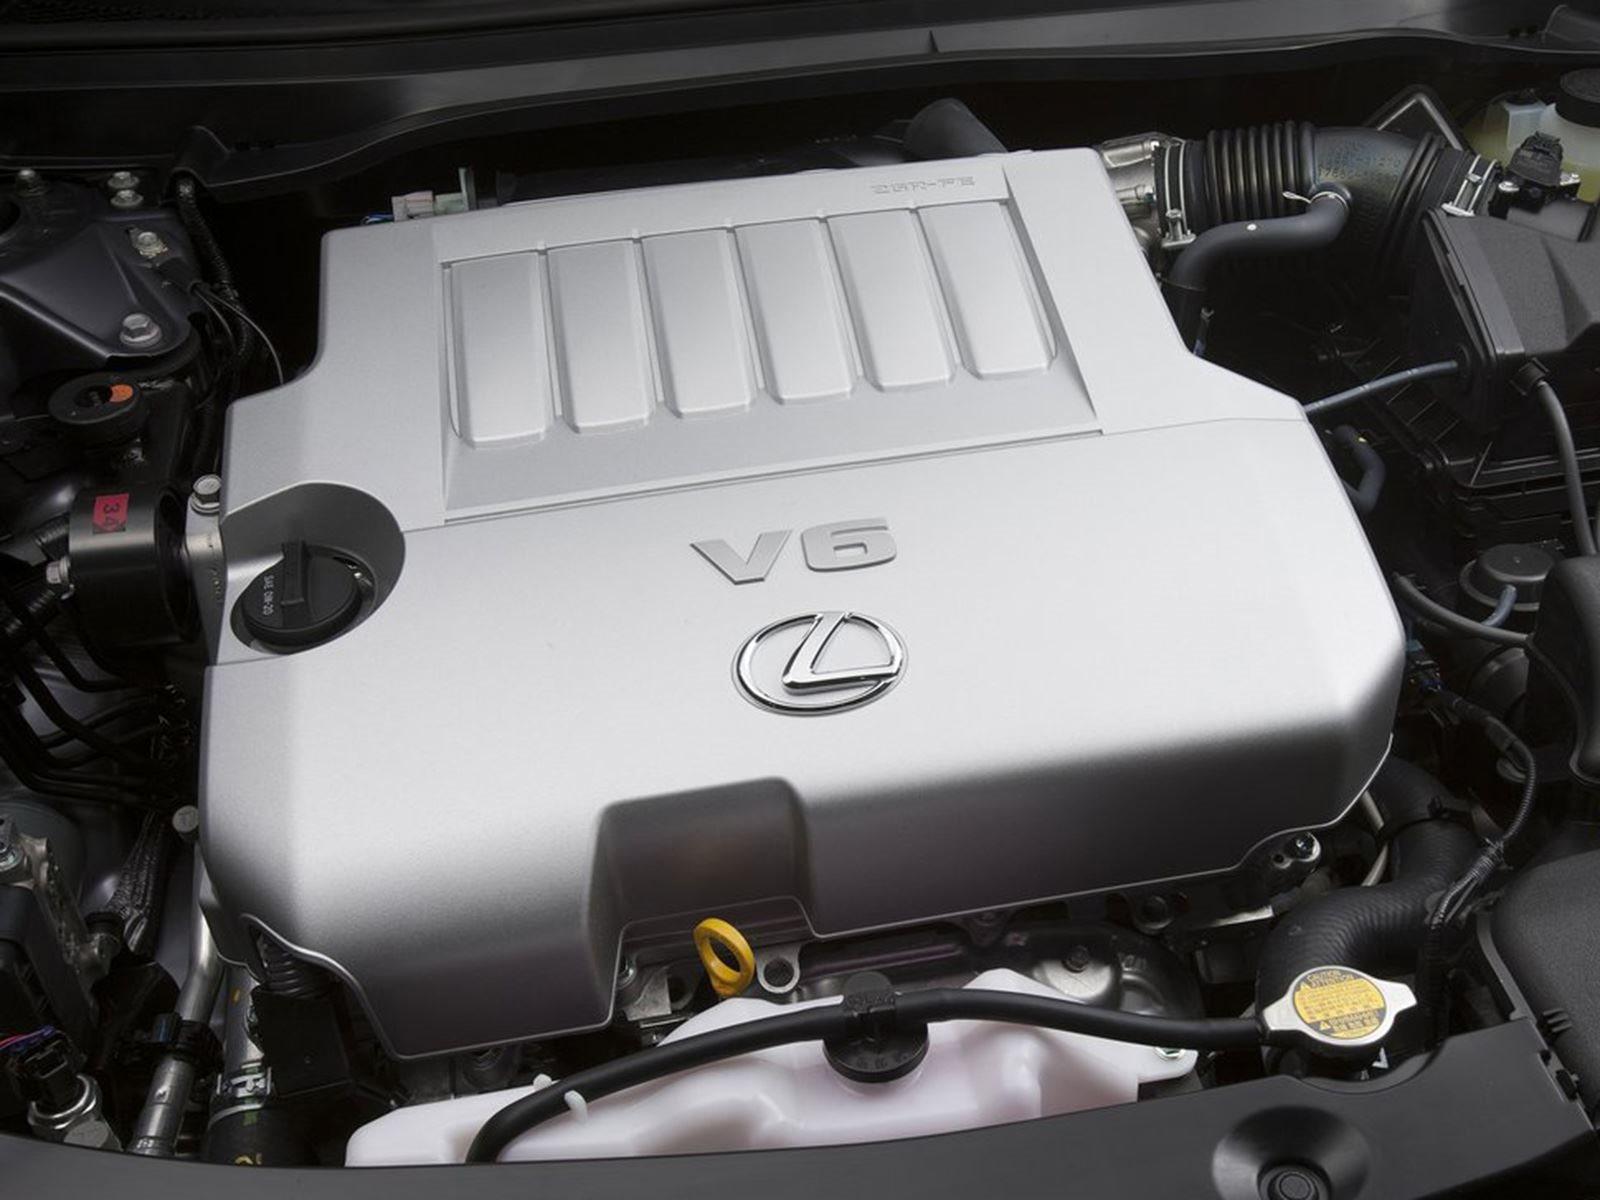 ES 350 - странная модель в линейке Lexus. В то время как другие седаны Lexus являются заднеприводными, стремясь конкурировать с подобными им BMW, ES основан на переднеприводной Toyota Avalon и нацелена на более старую демографию, которая больше забот